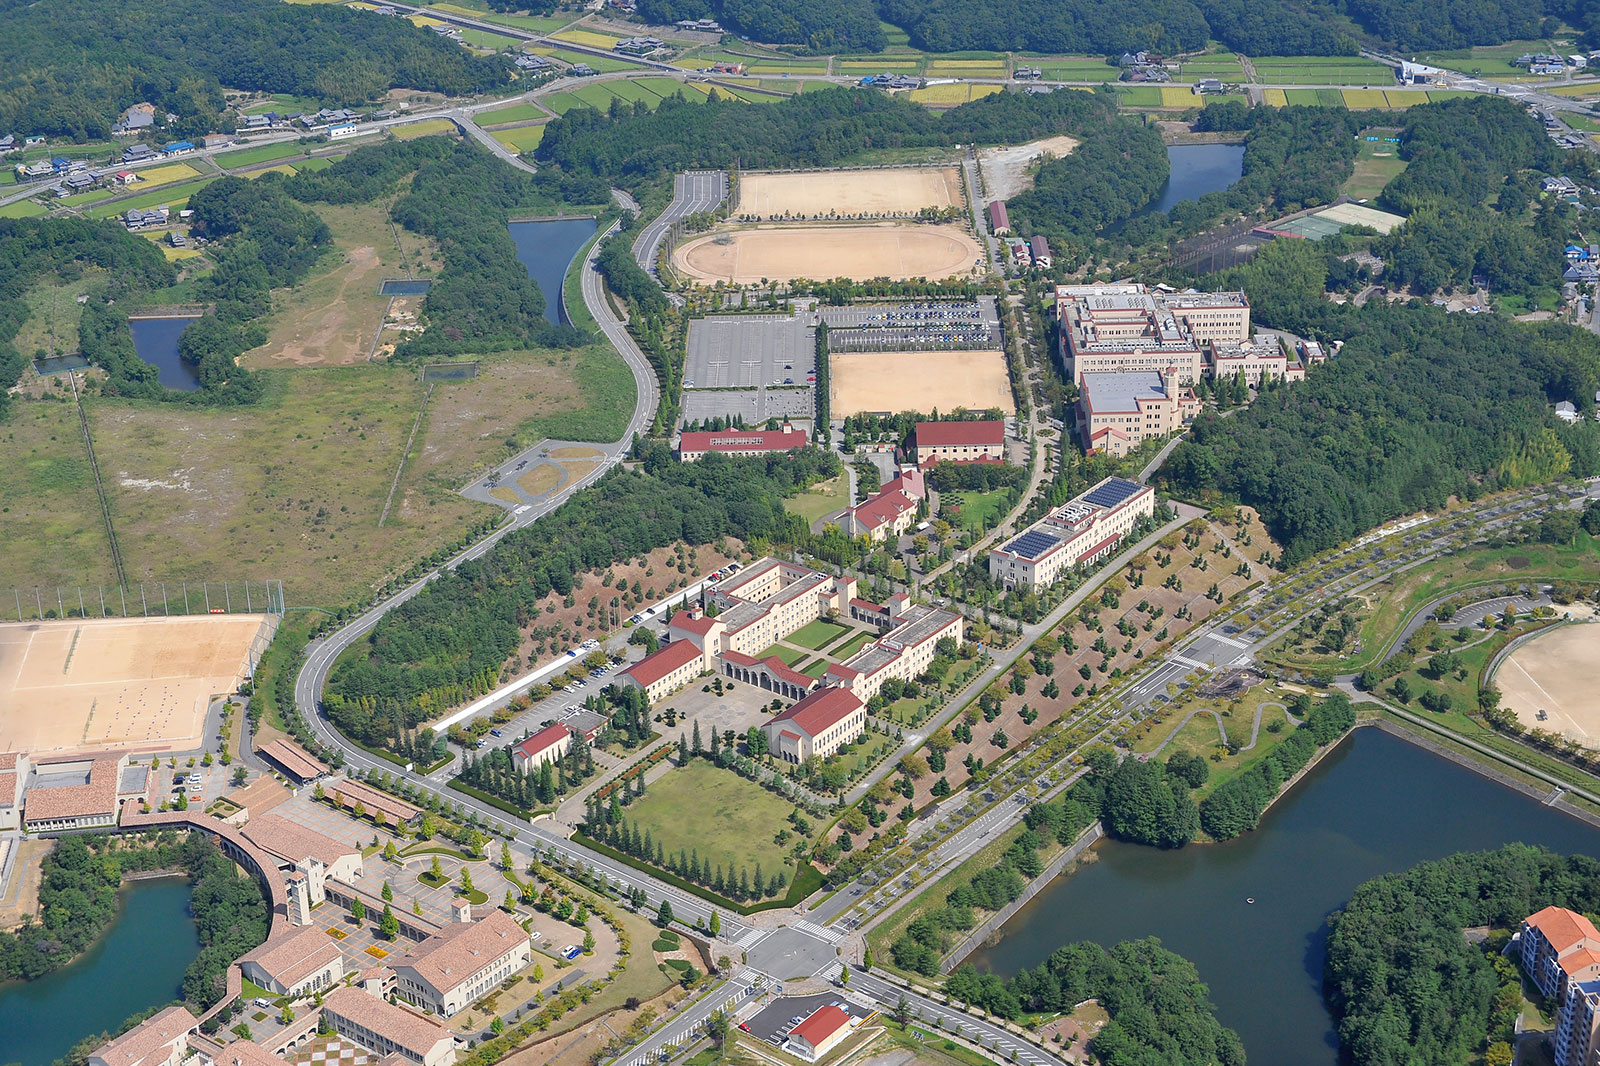 関西学院 西宮上ケ原 神戸三田 キャンパス計画